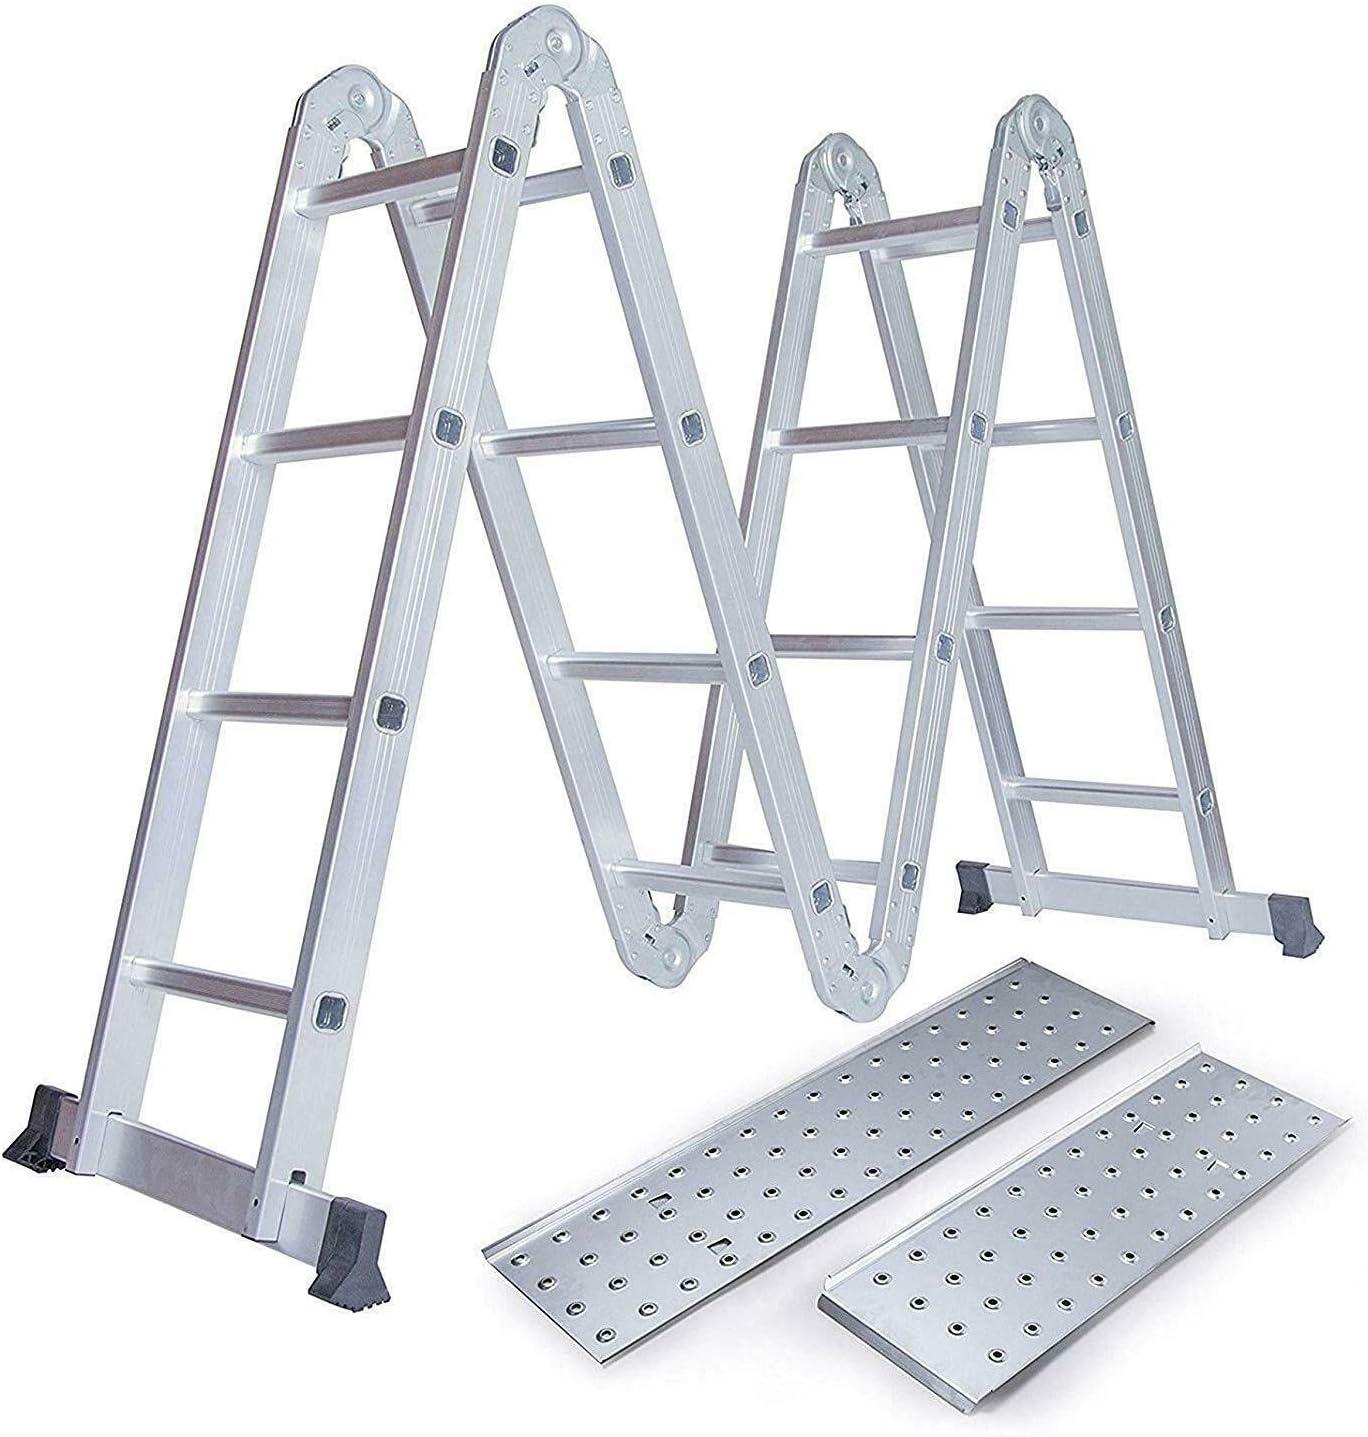 Escalera plegable de 4,7 m multiusos extensible de aluminio escalera con plataforma solamente: Amazon.es: Bricolaje y herramientas